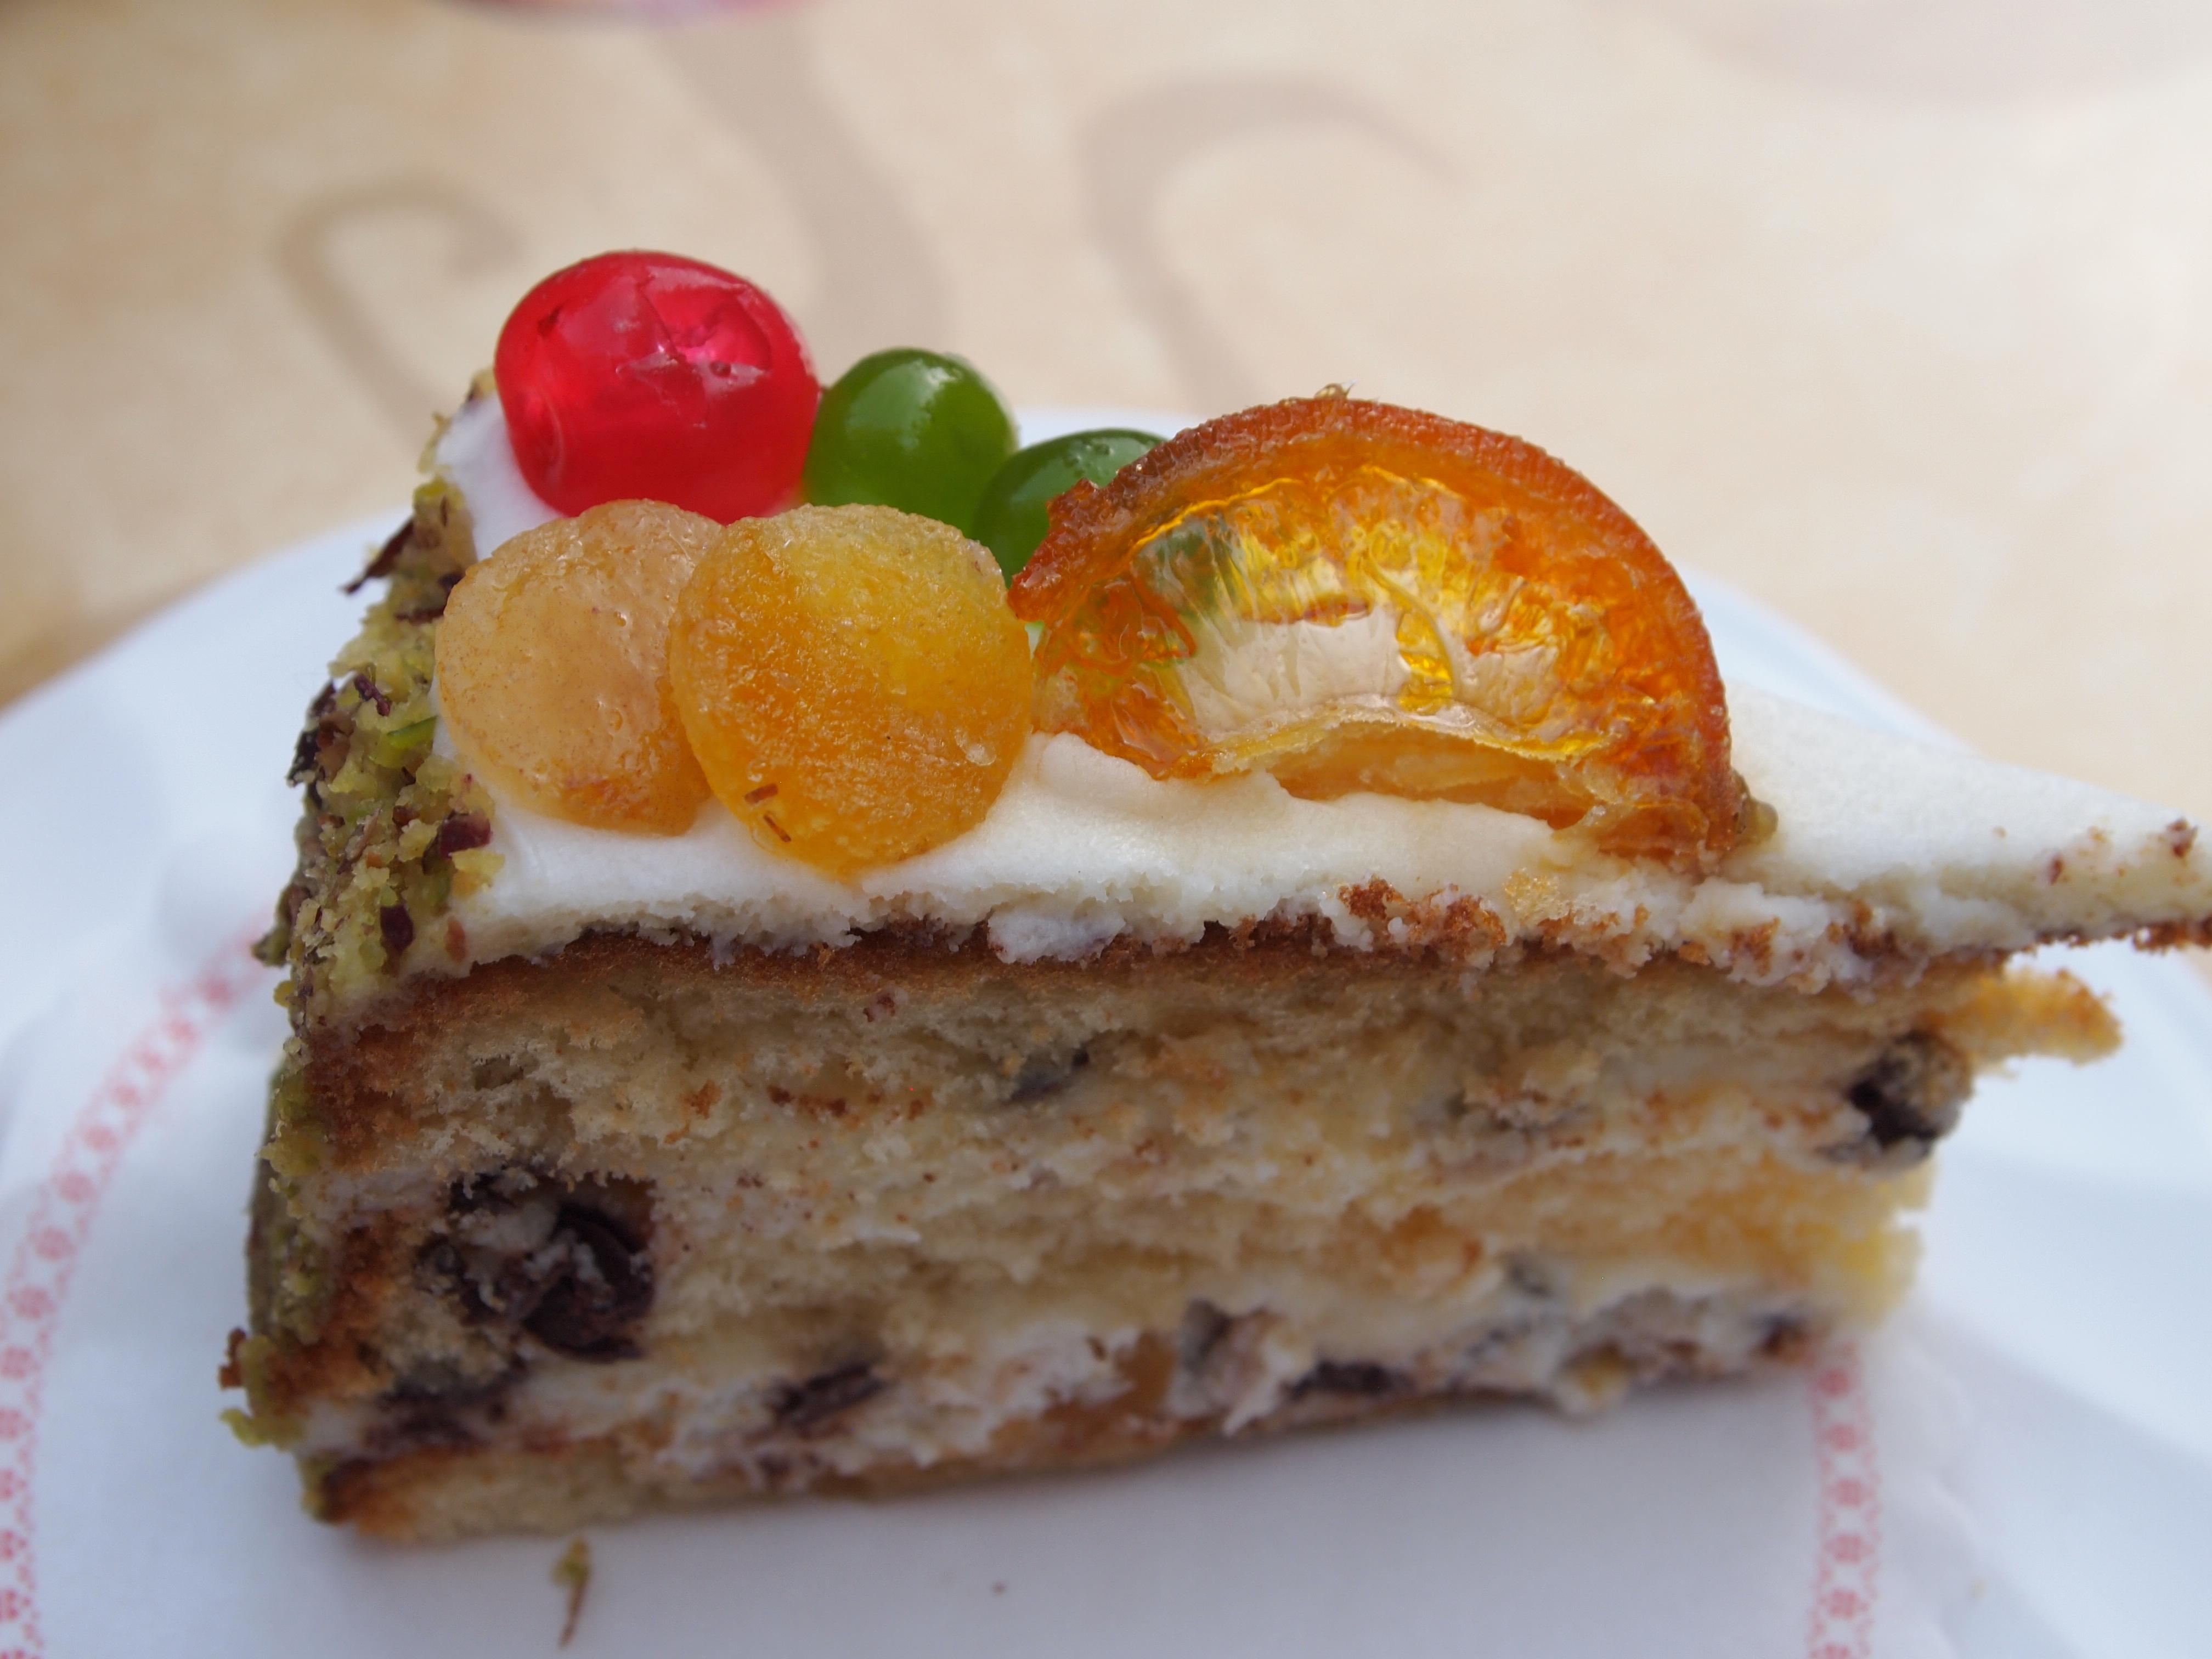 Gastronomia e cucina dalla sicilia guida della sicilia for Cucina siciliana